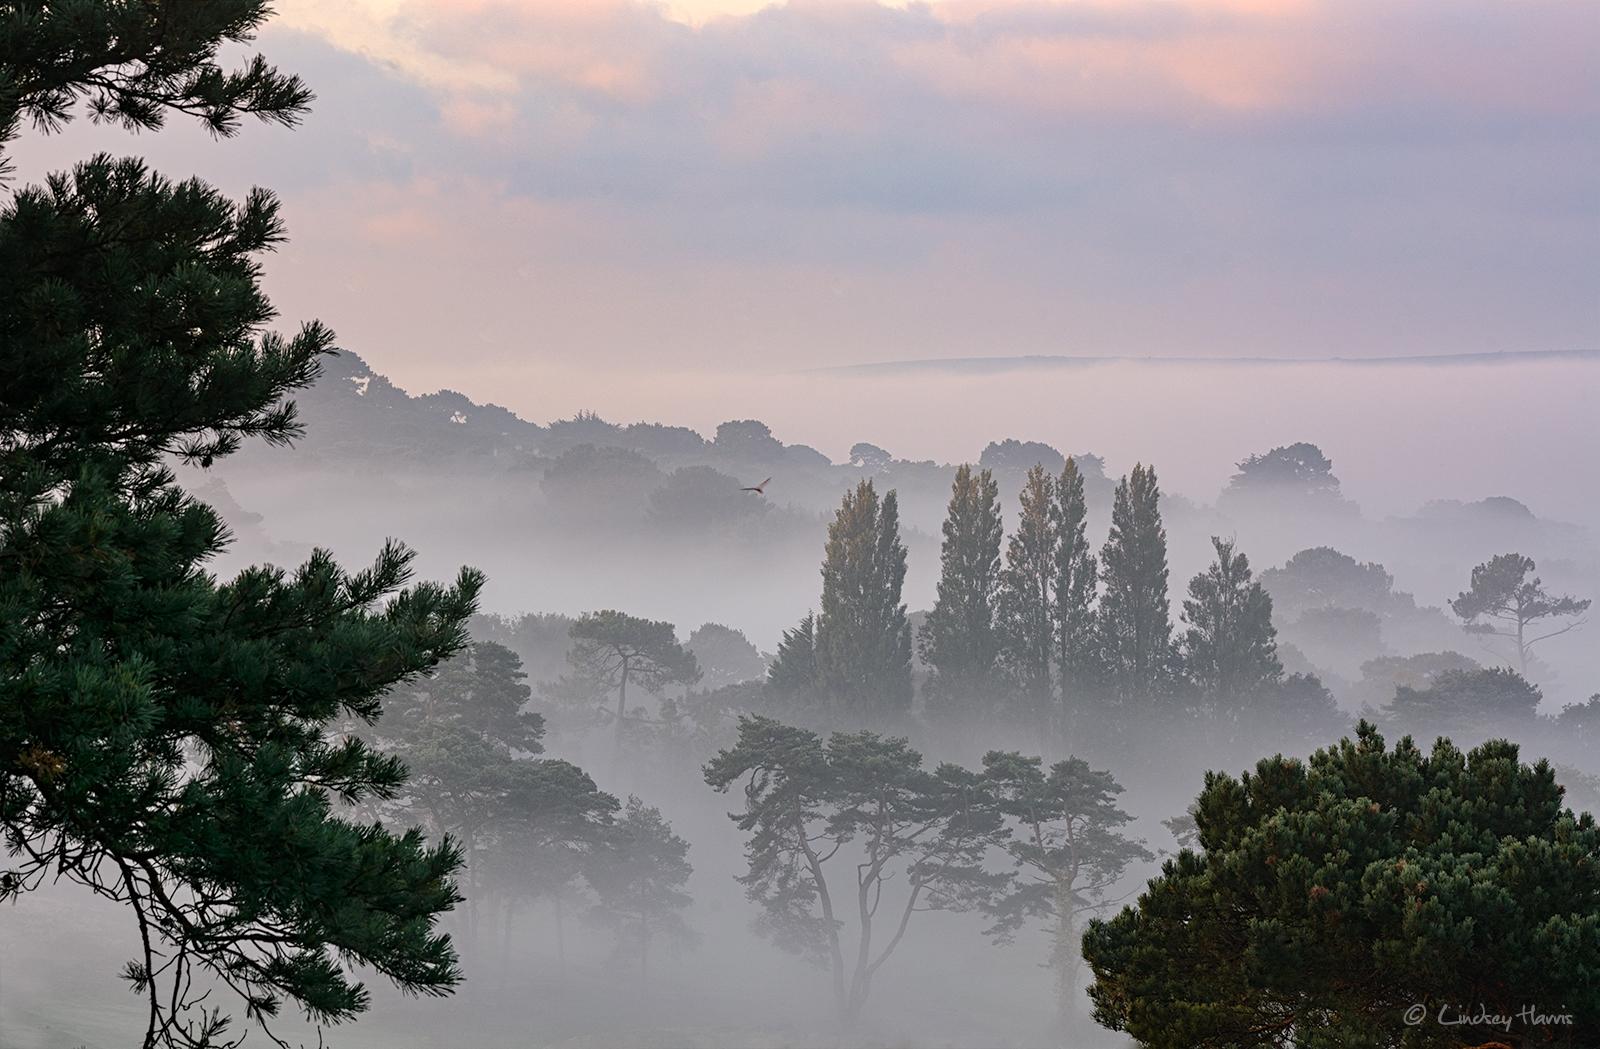 Early morning mist over Dorset.